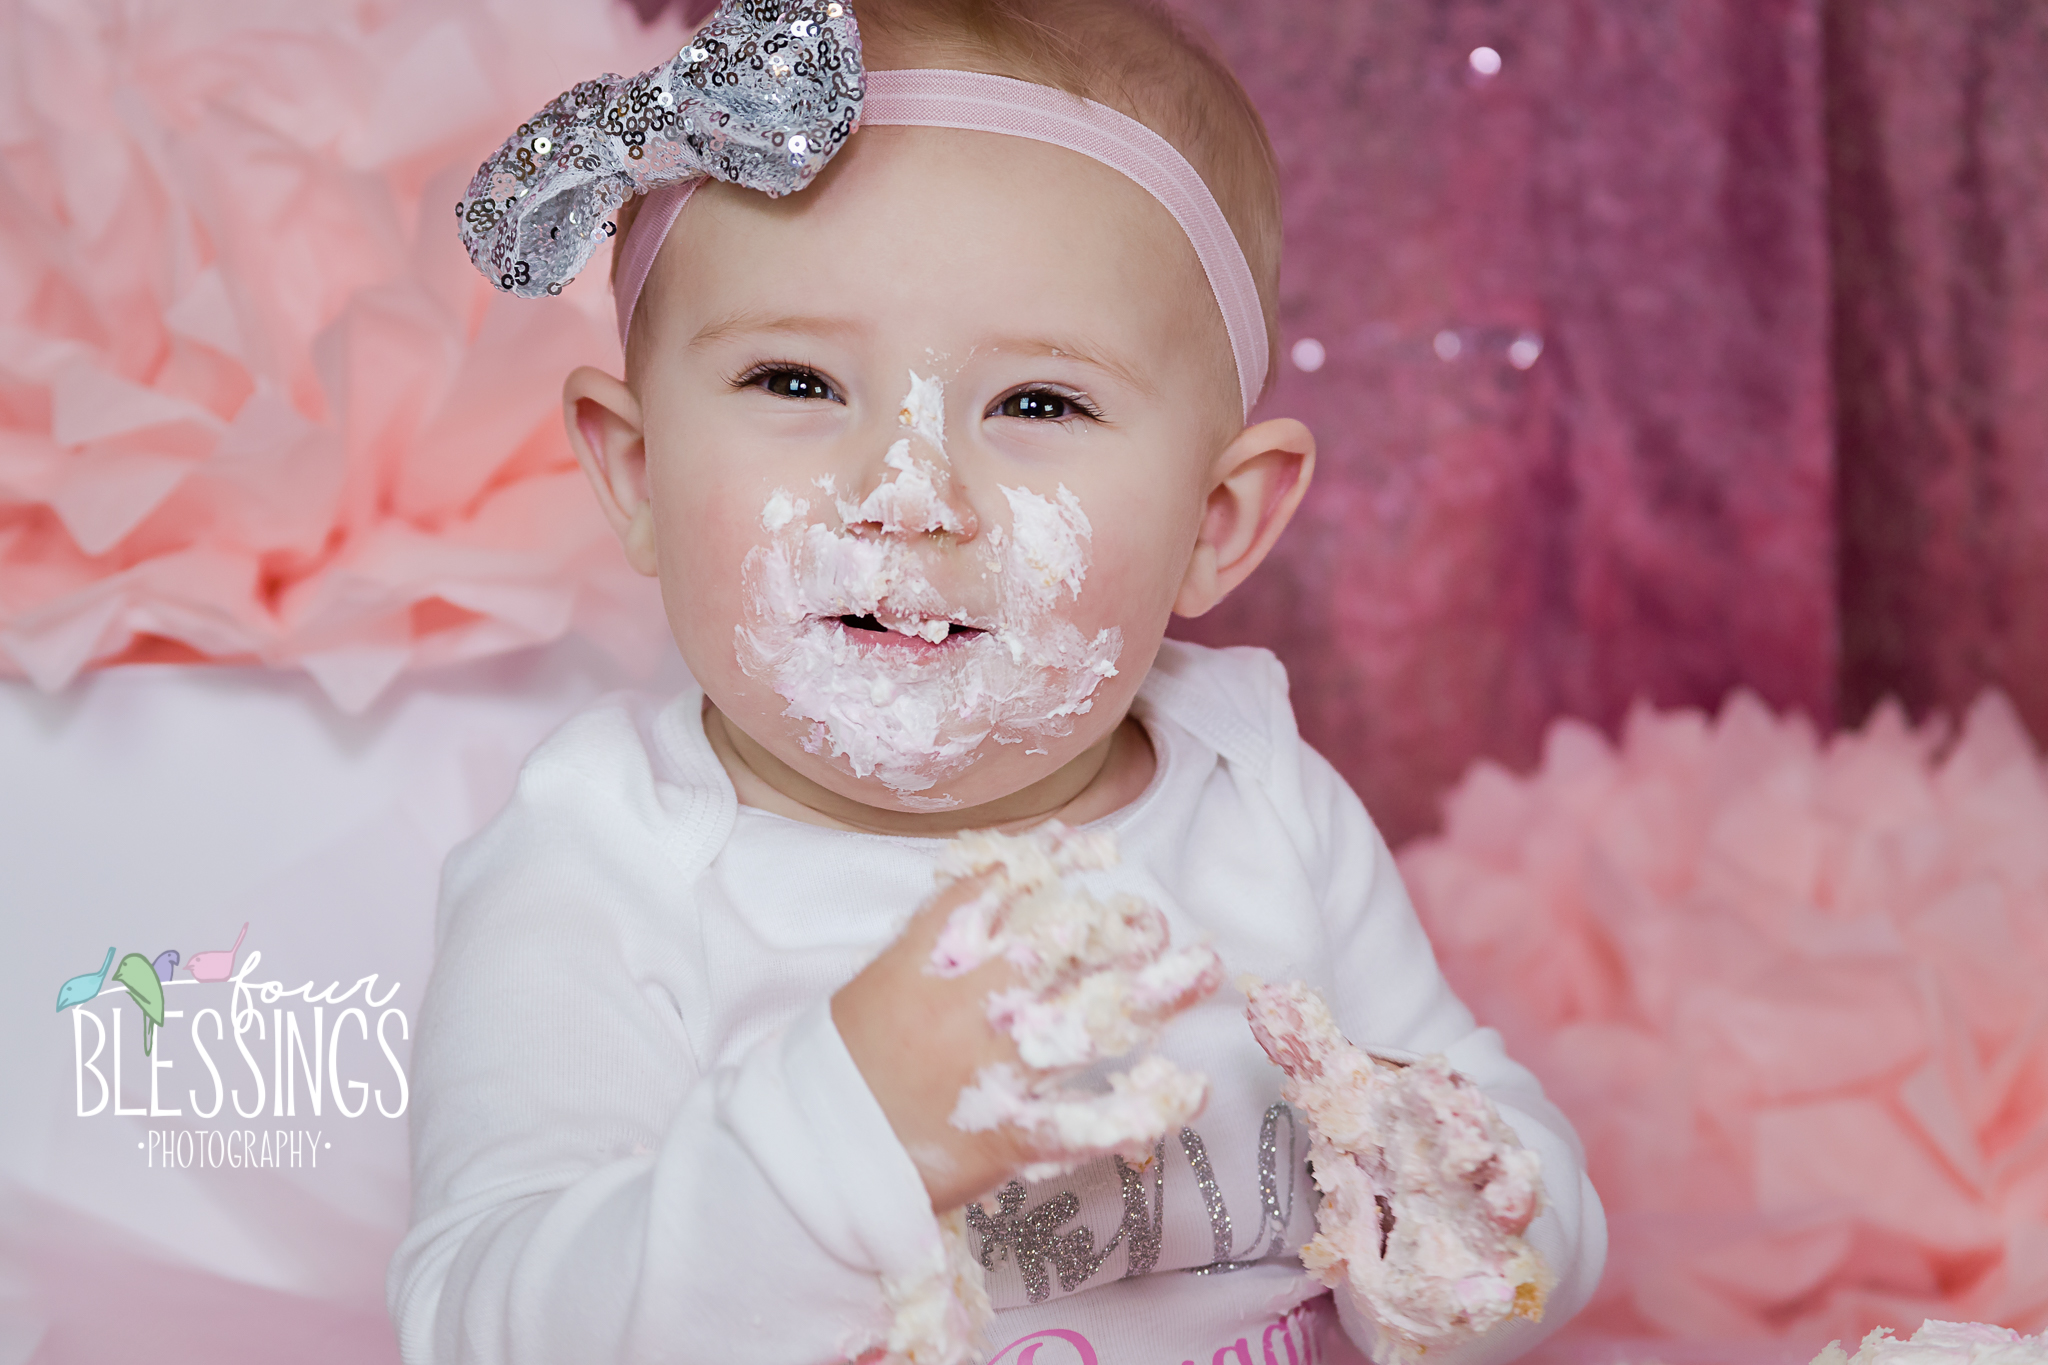 baby eating cake